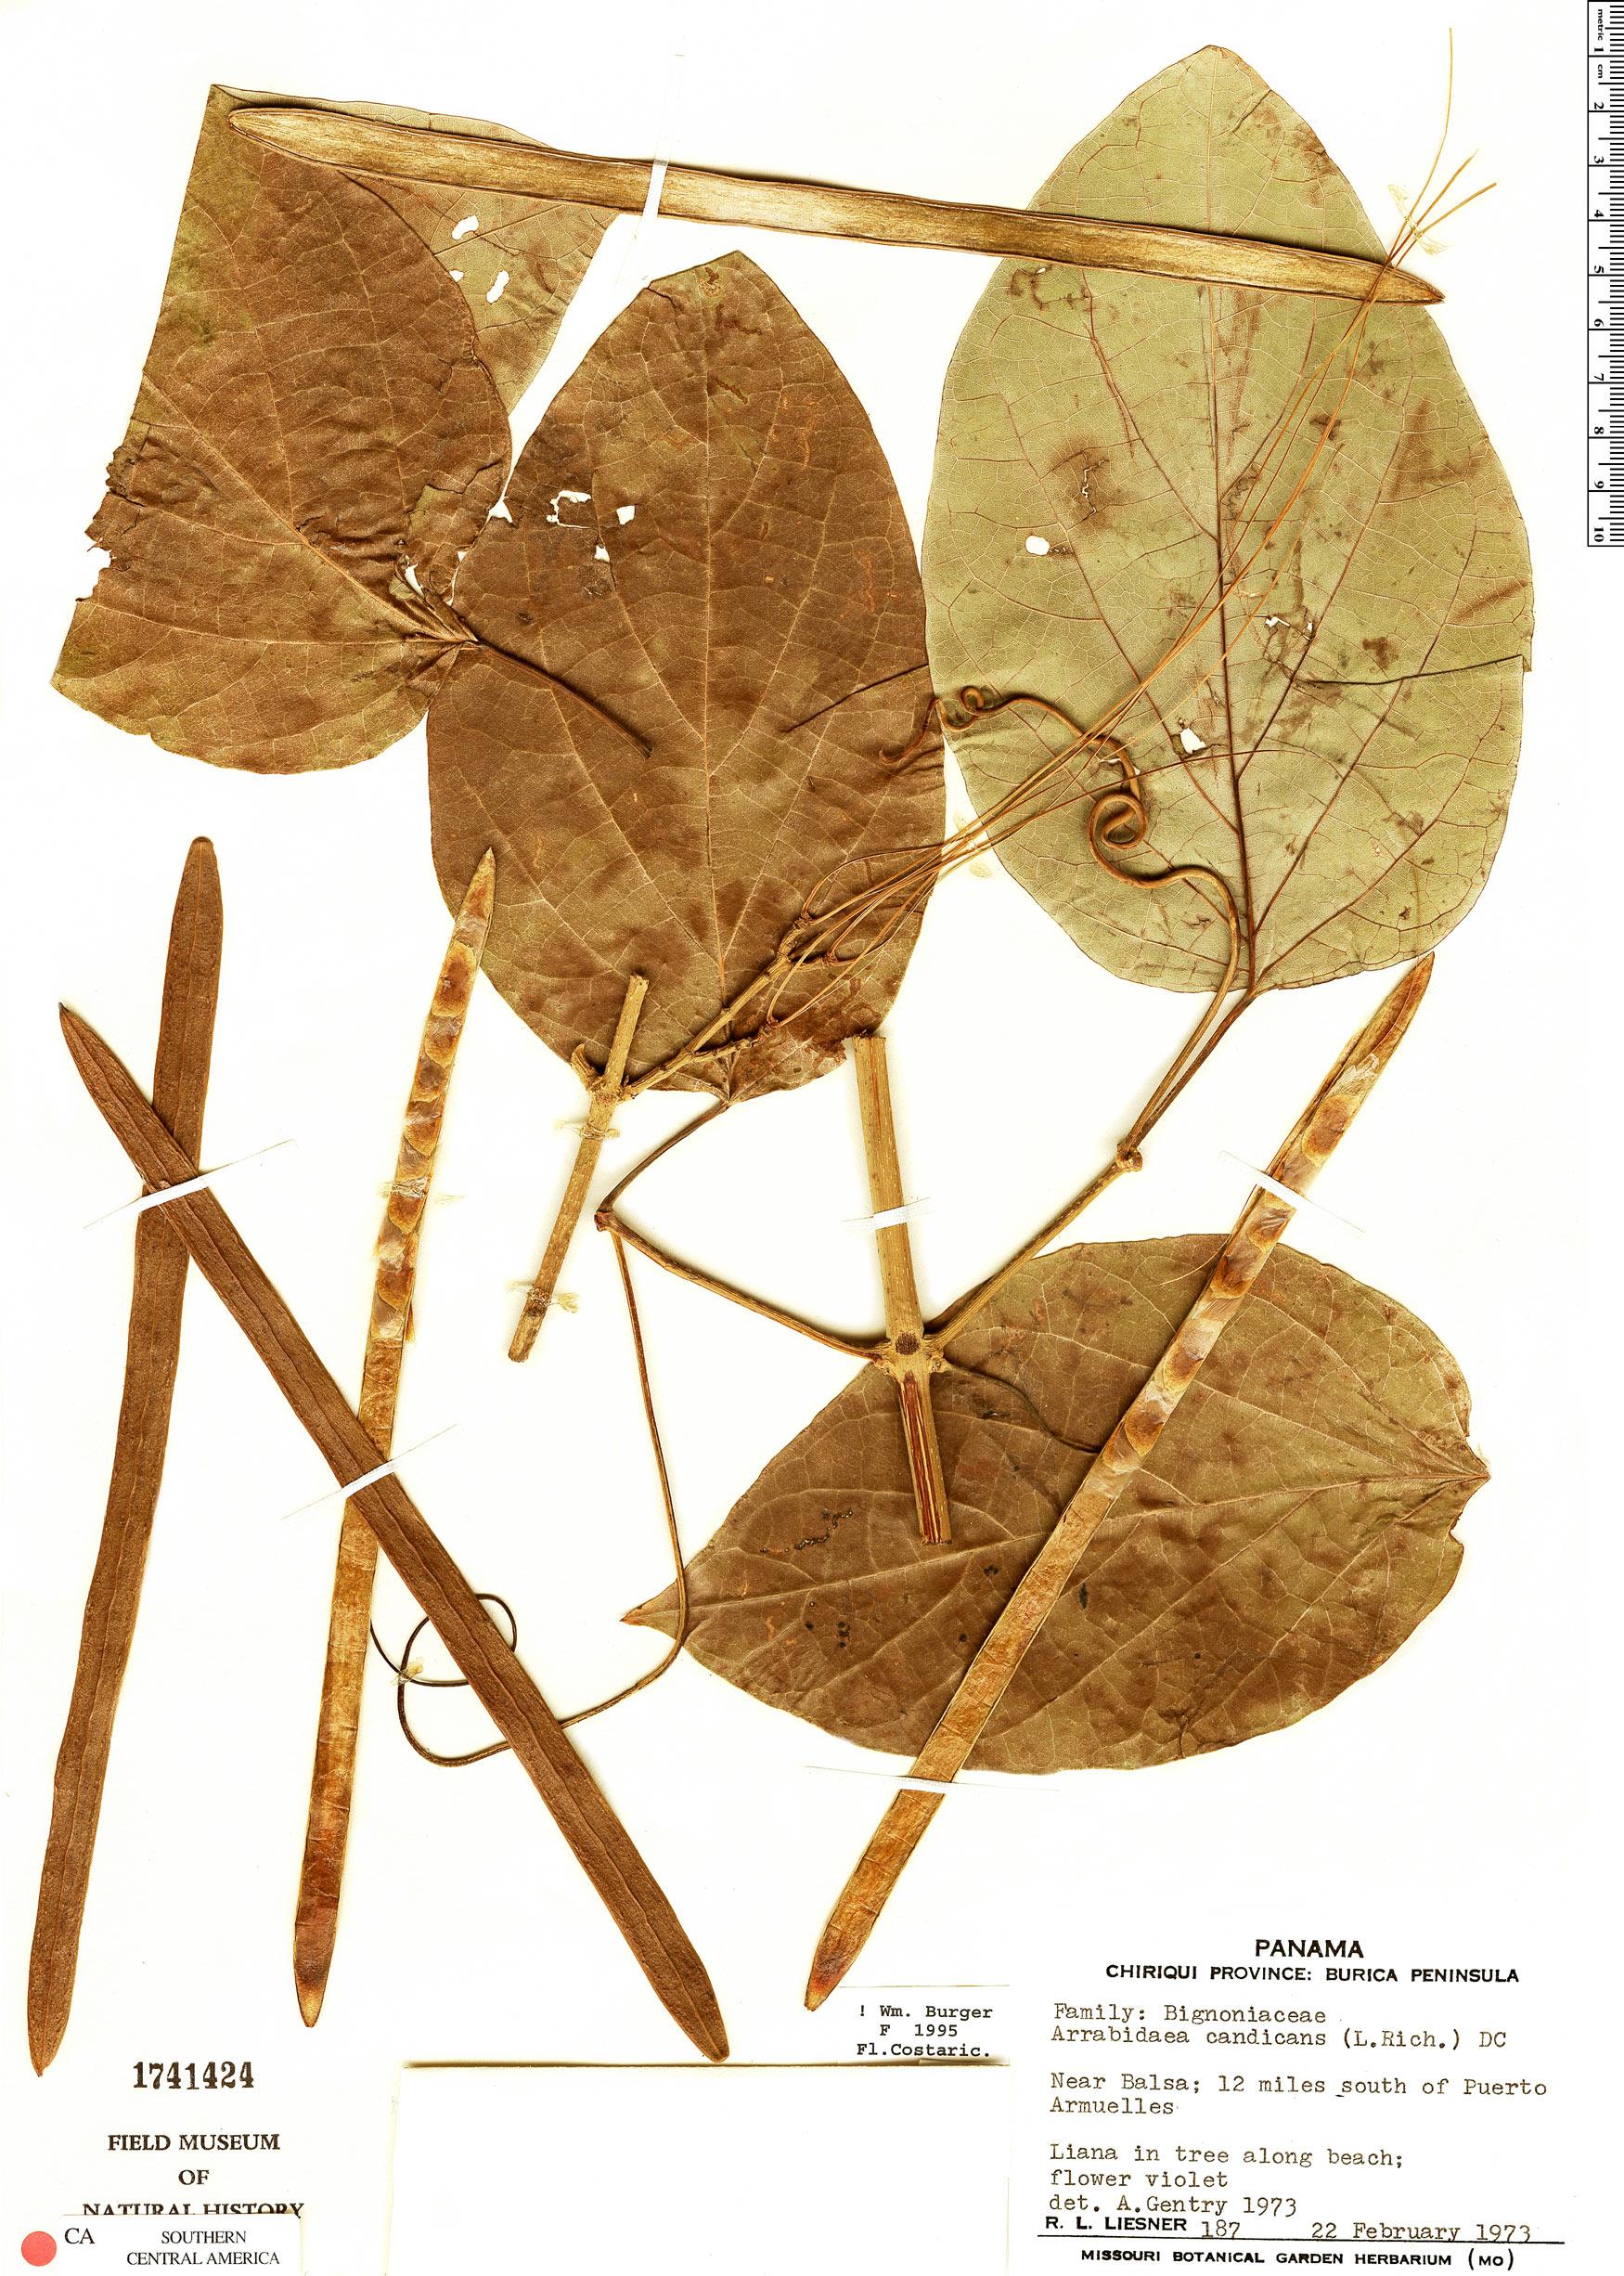 Specimen: Fridericia candicans